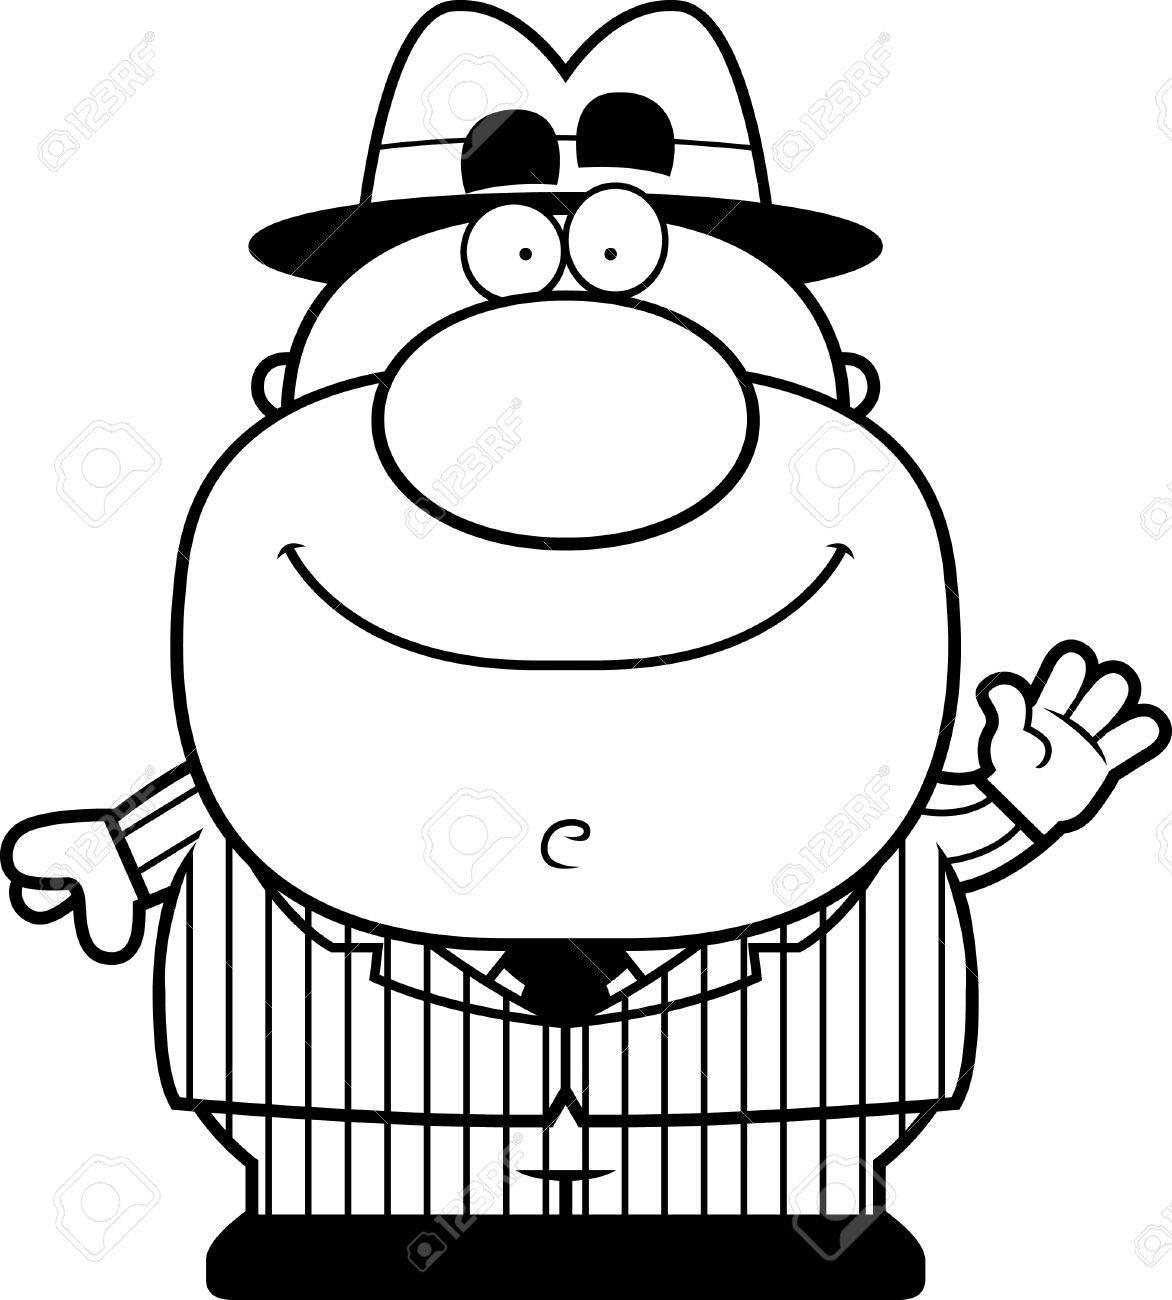 Une Illustration De Bande Dessinee D Un Gangster En Agitant Clip Art Libres De Droits Vecteurs Et Illustration Image 44861581